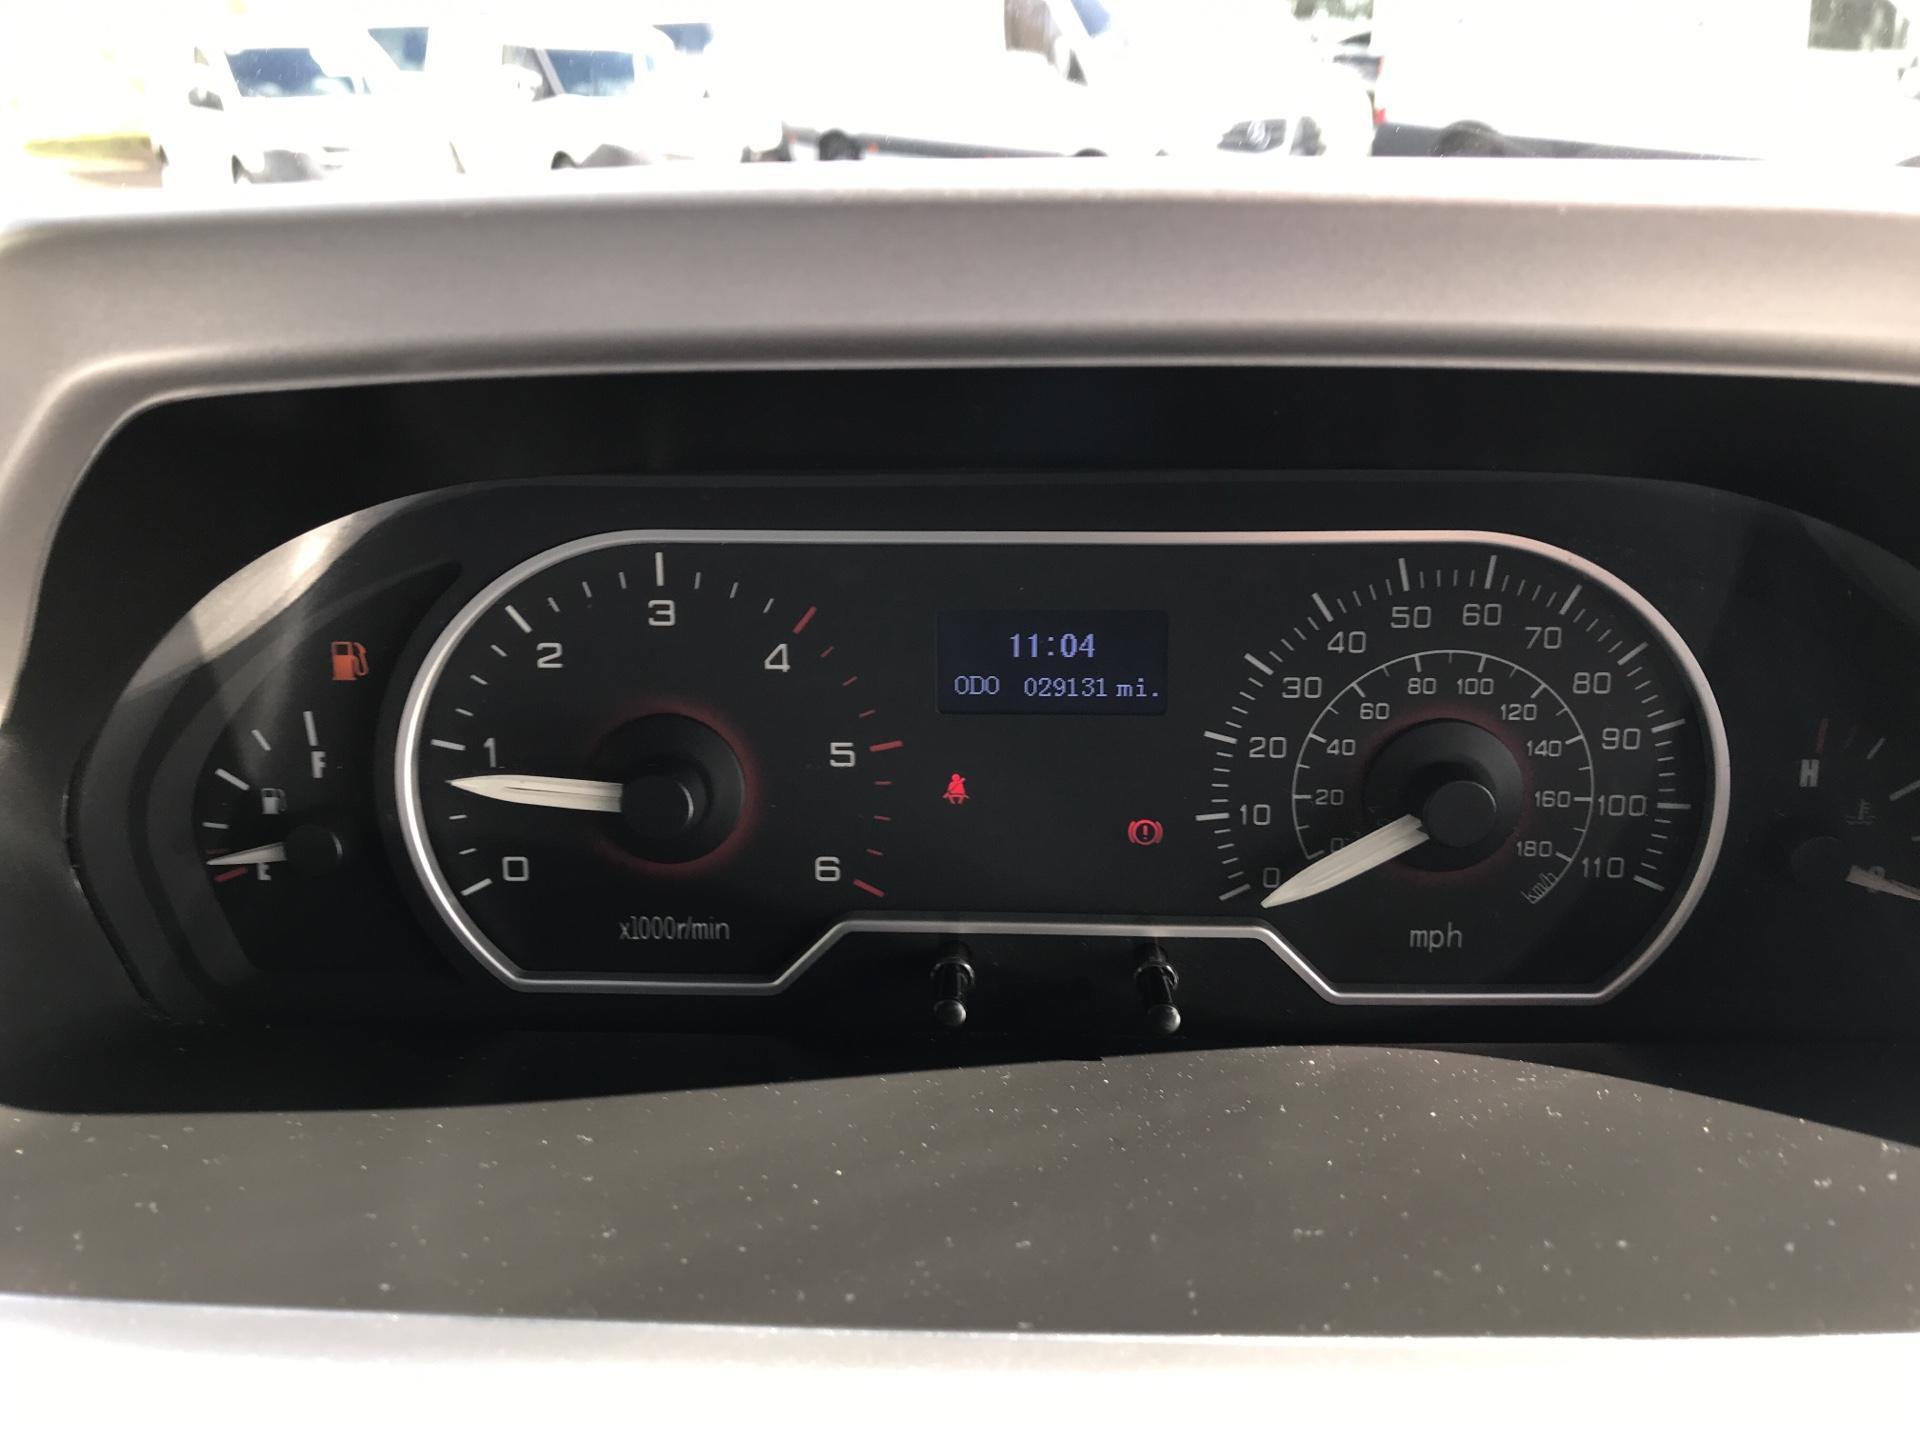 2018 Ldv V80 LWB 2.5 HIGH ROOF EURO 5 (PX18CUW) Image 13